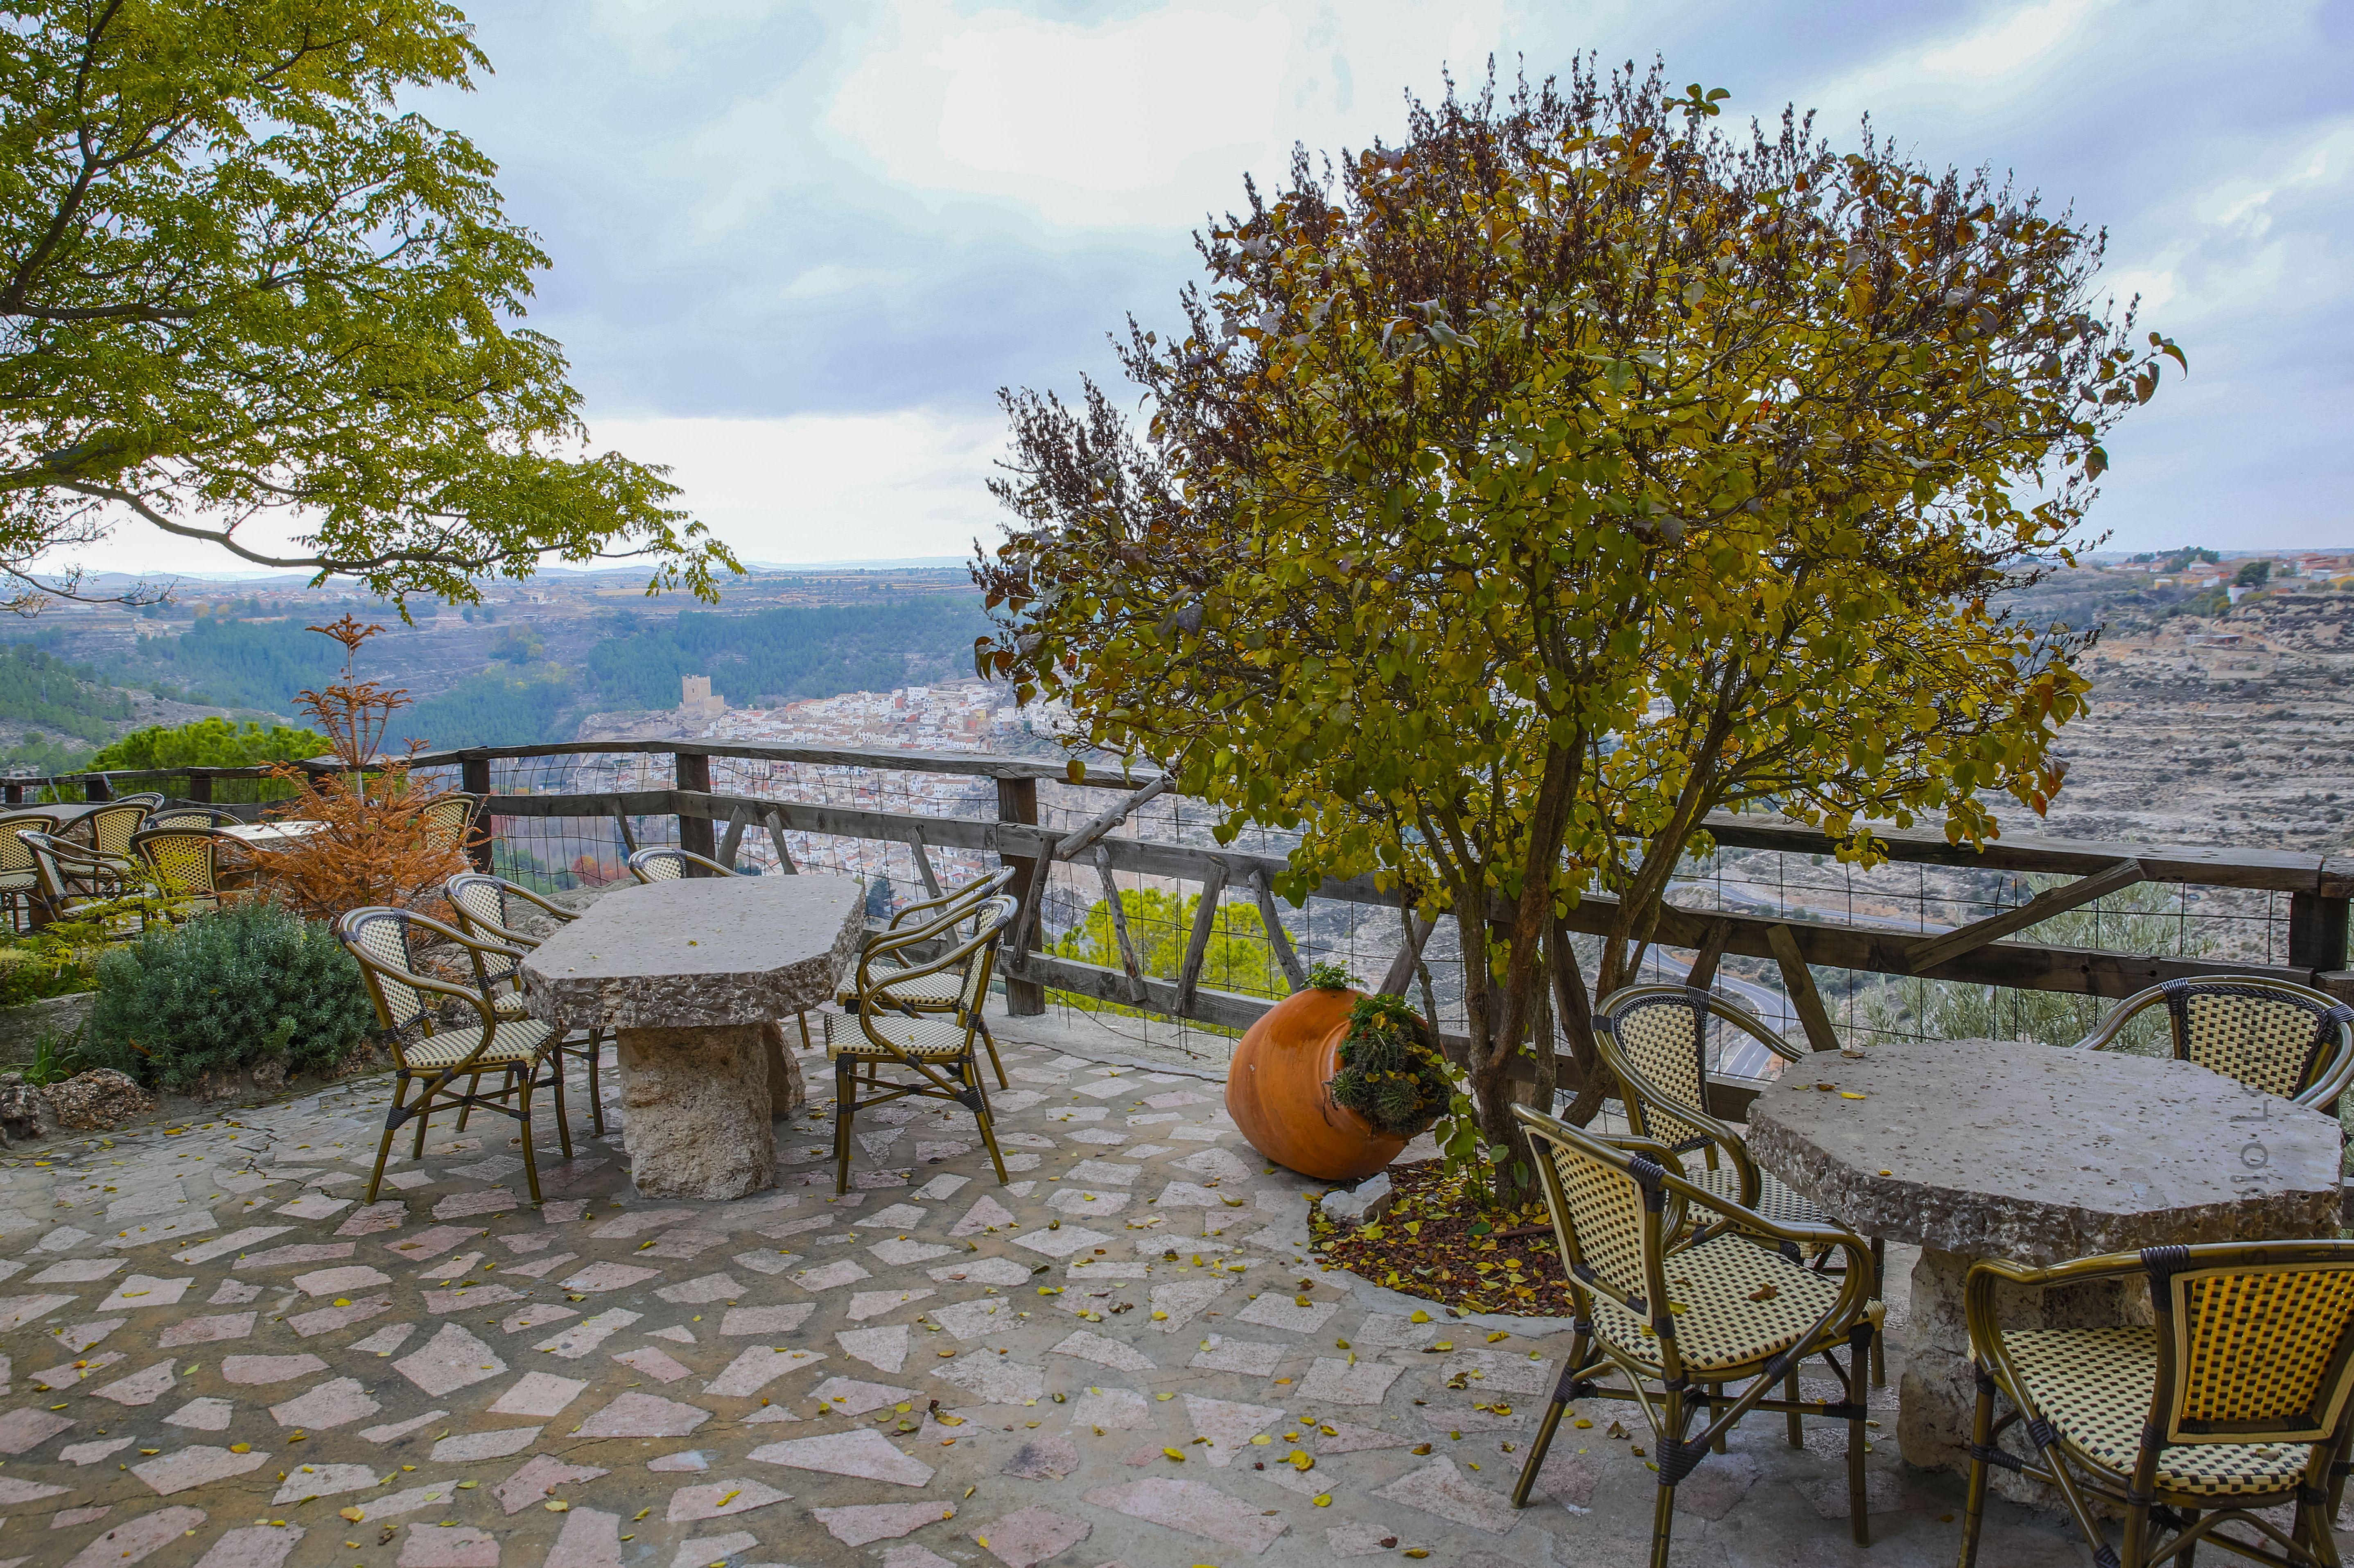 Magnificas vistas desde la terraza del restaurante